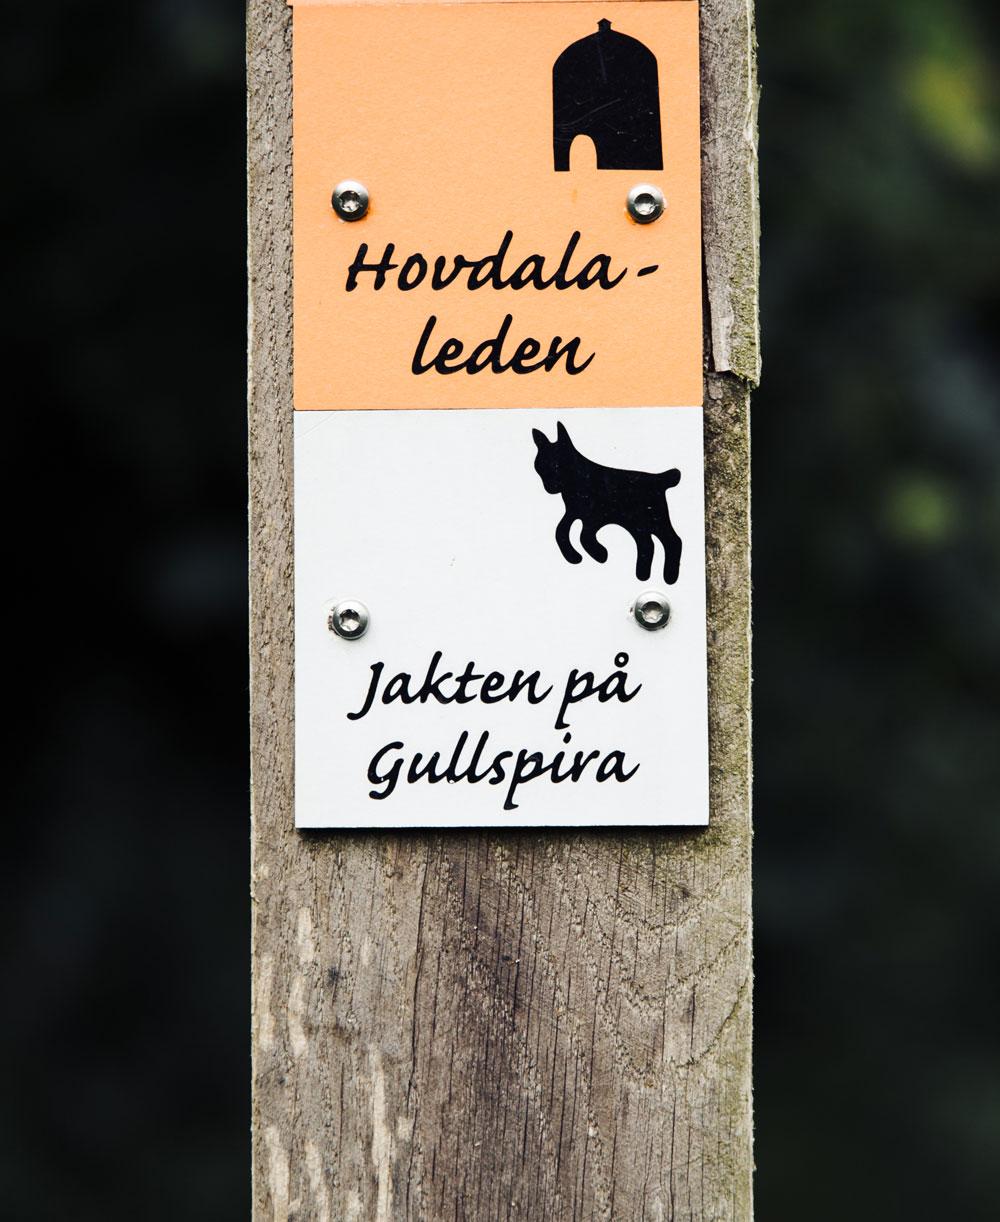 Vandring i Skåne: Naturområdet Hovdala -jakten på Gullspira